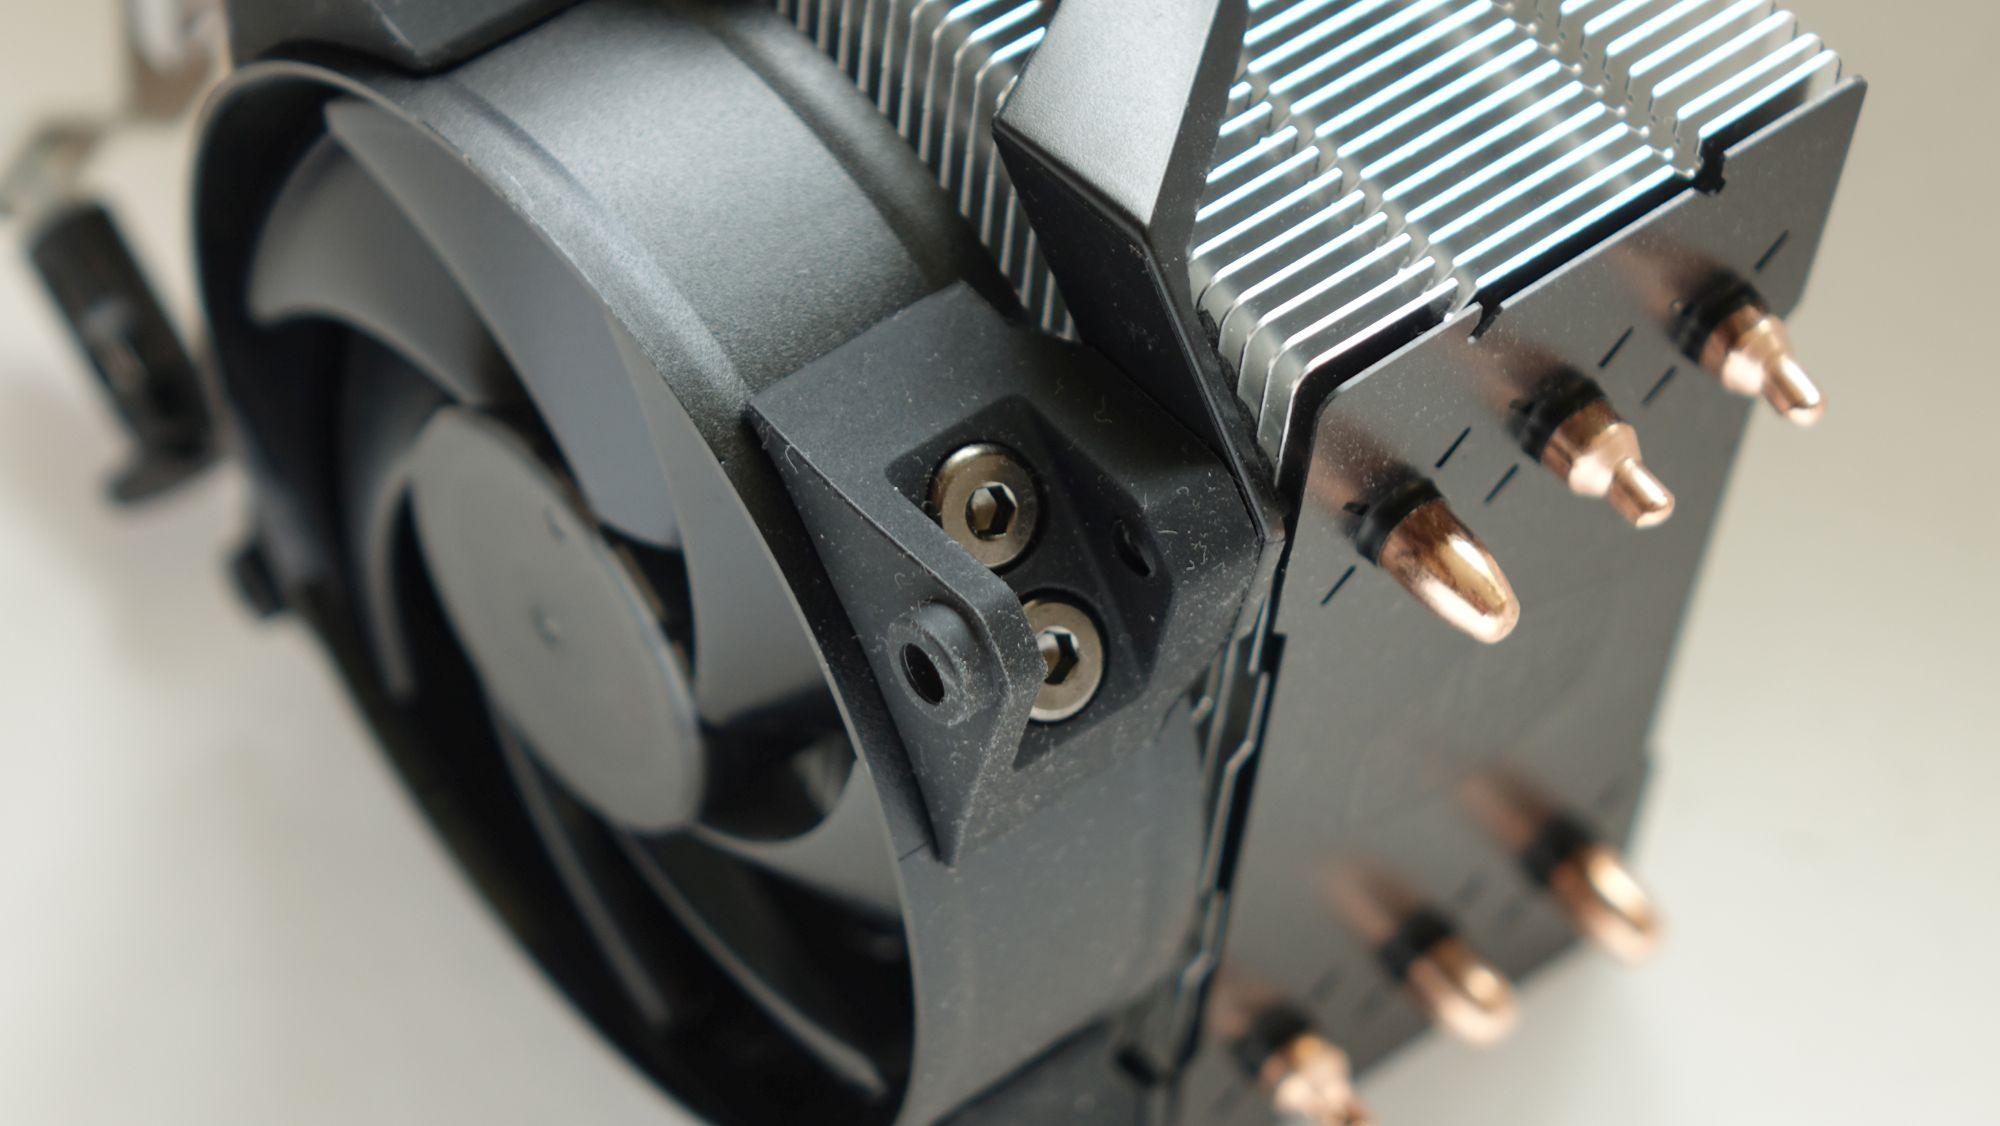 Cooler Master MasterAir Pro 3 антивибрация